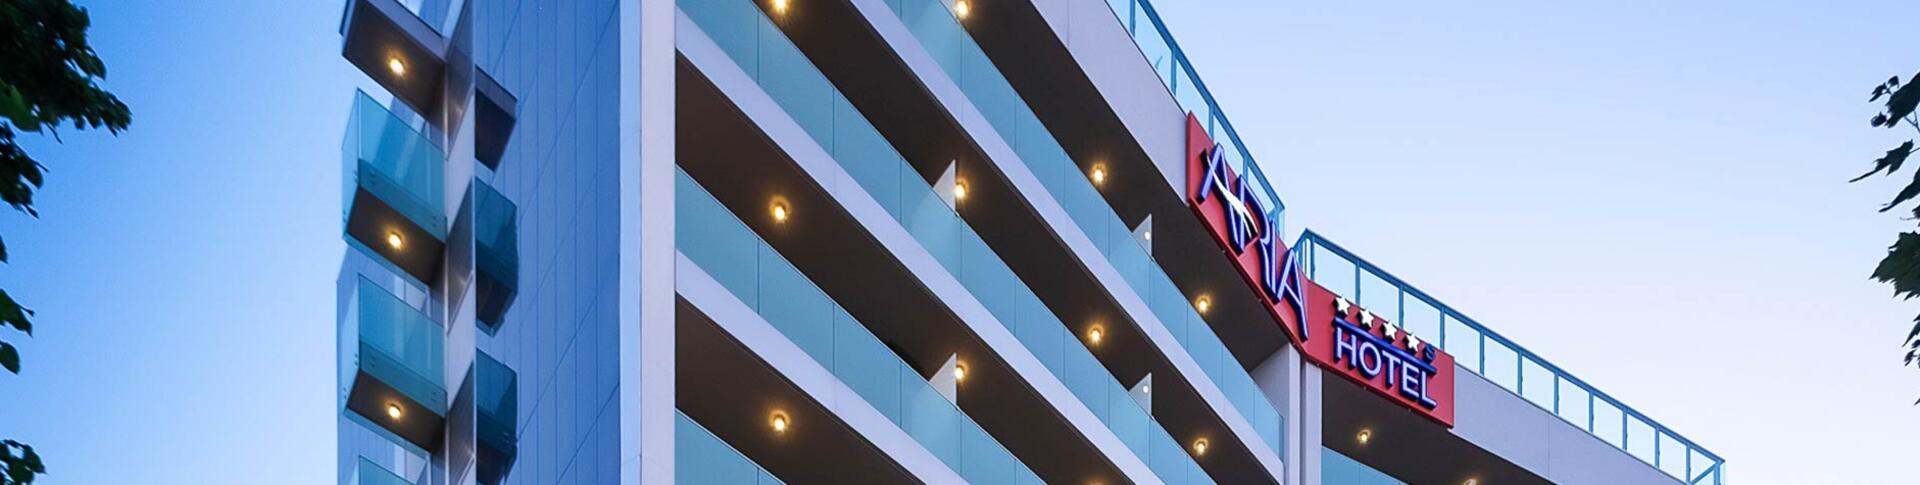 ariahotel it offerta-ponte-del-primo-maggio-in-hotel-4-stelle-superior-di-rimini 013